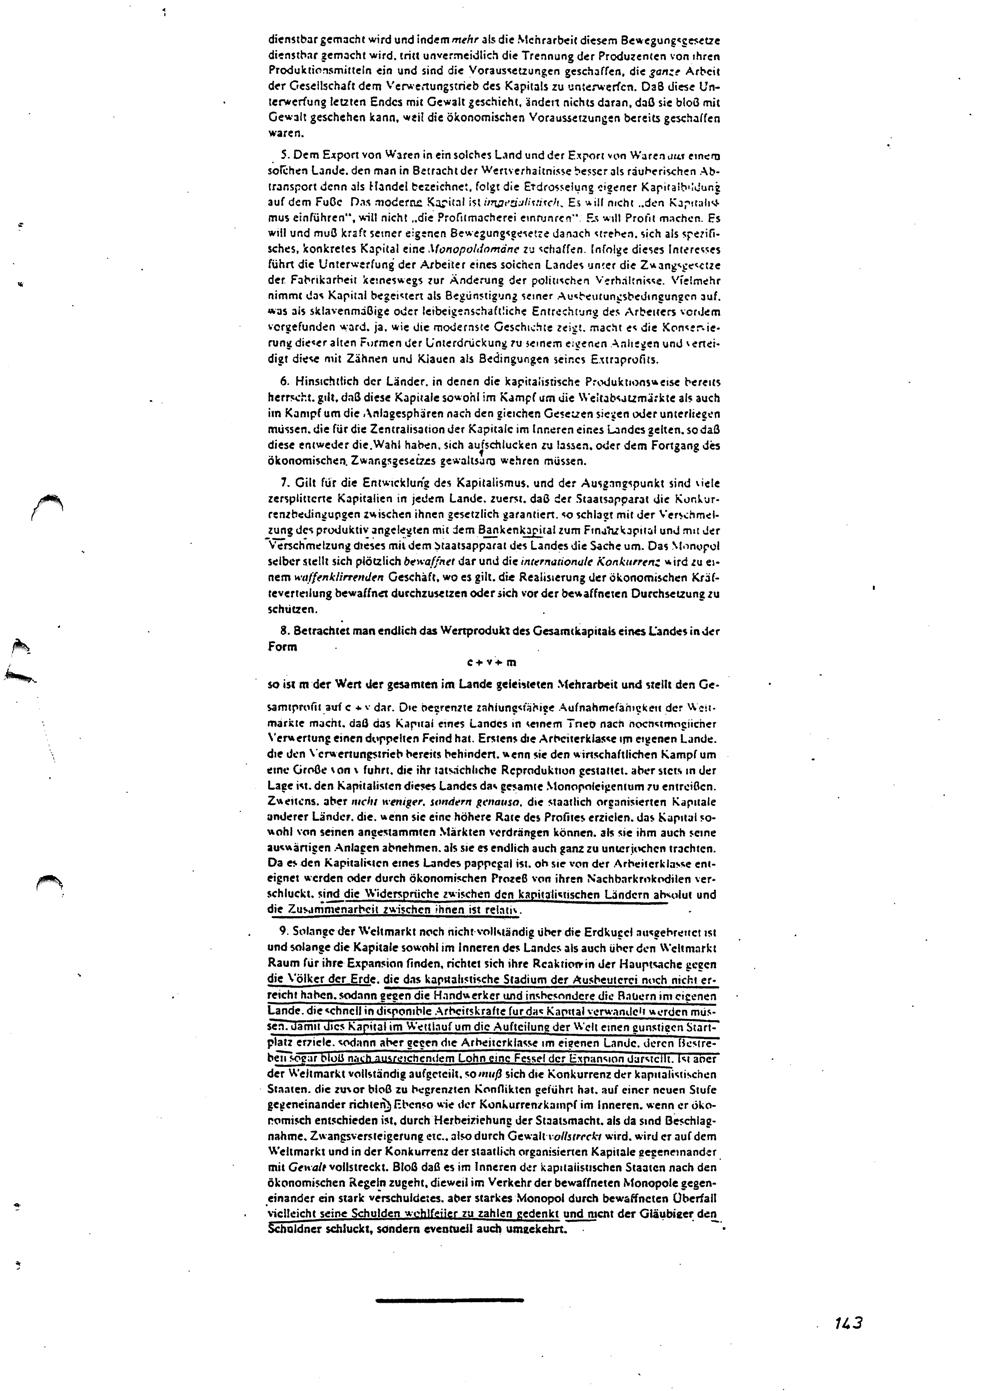 KABRW_Arbeitshefte_1978_31_023